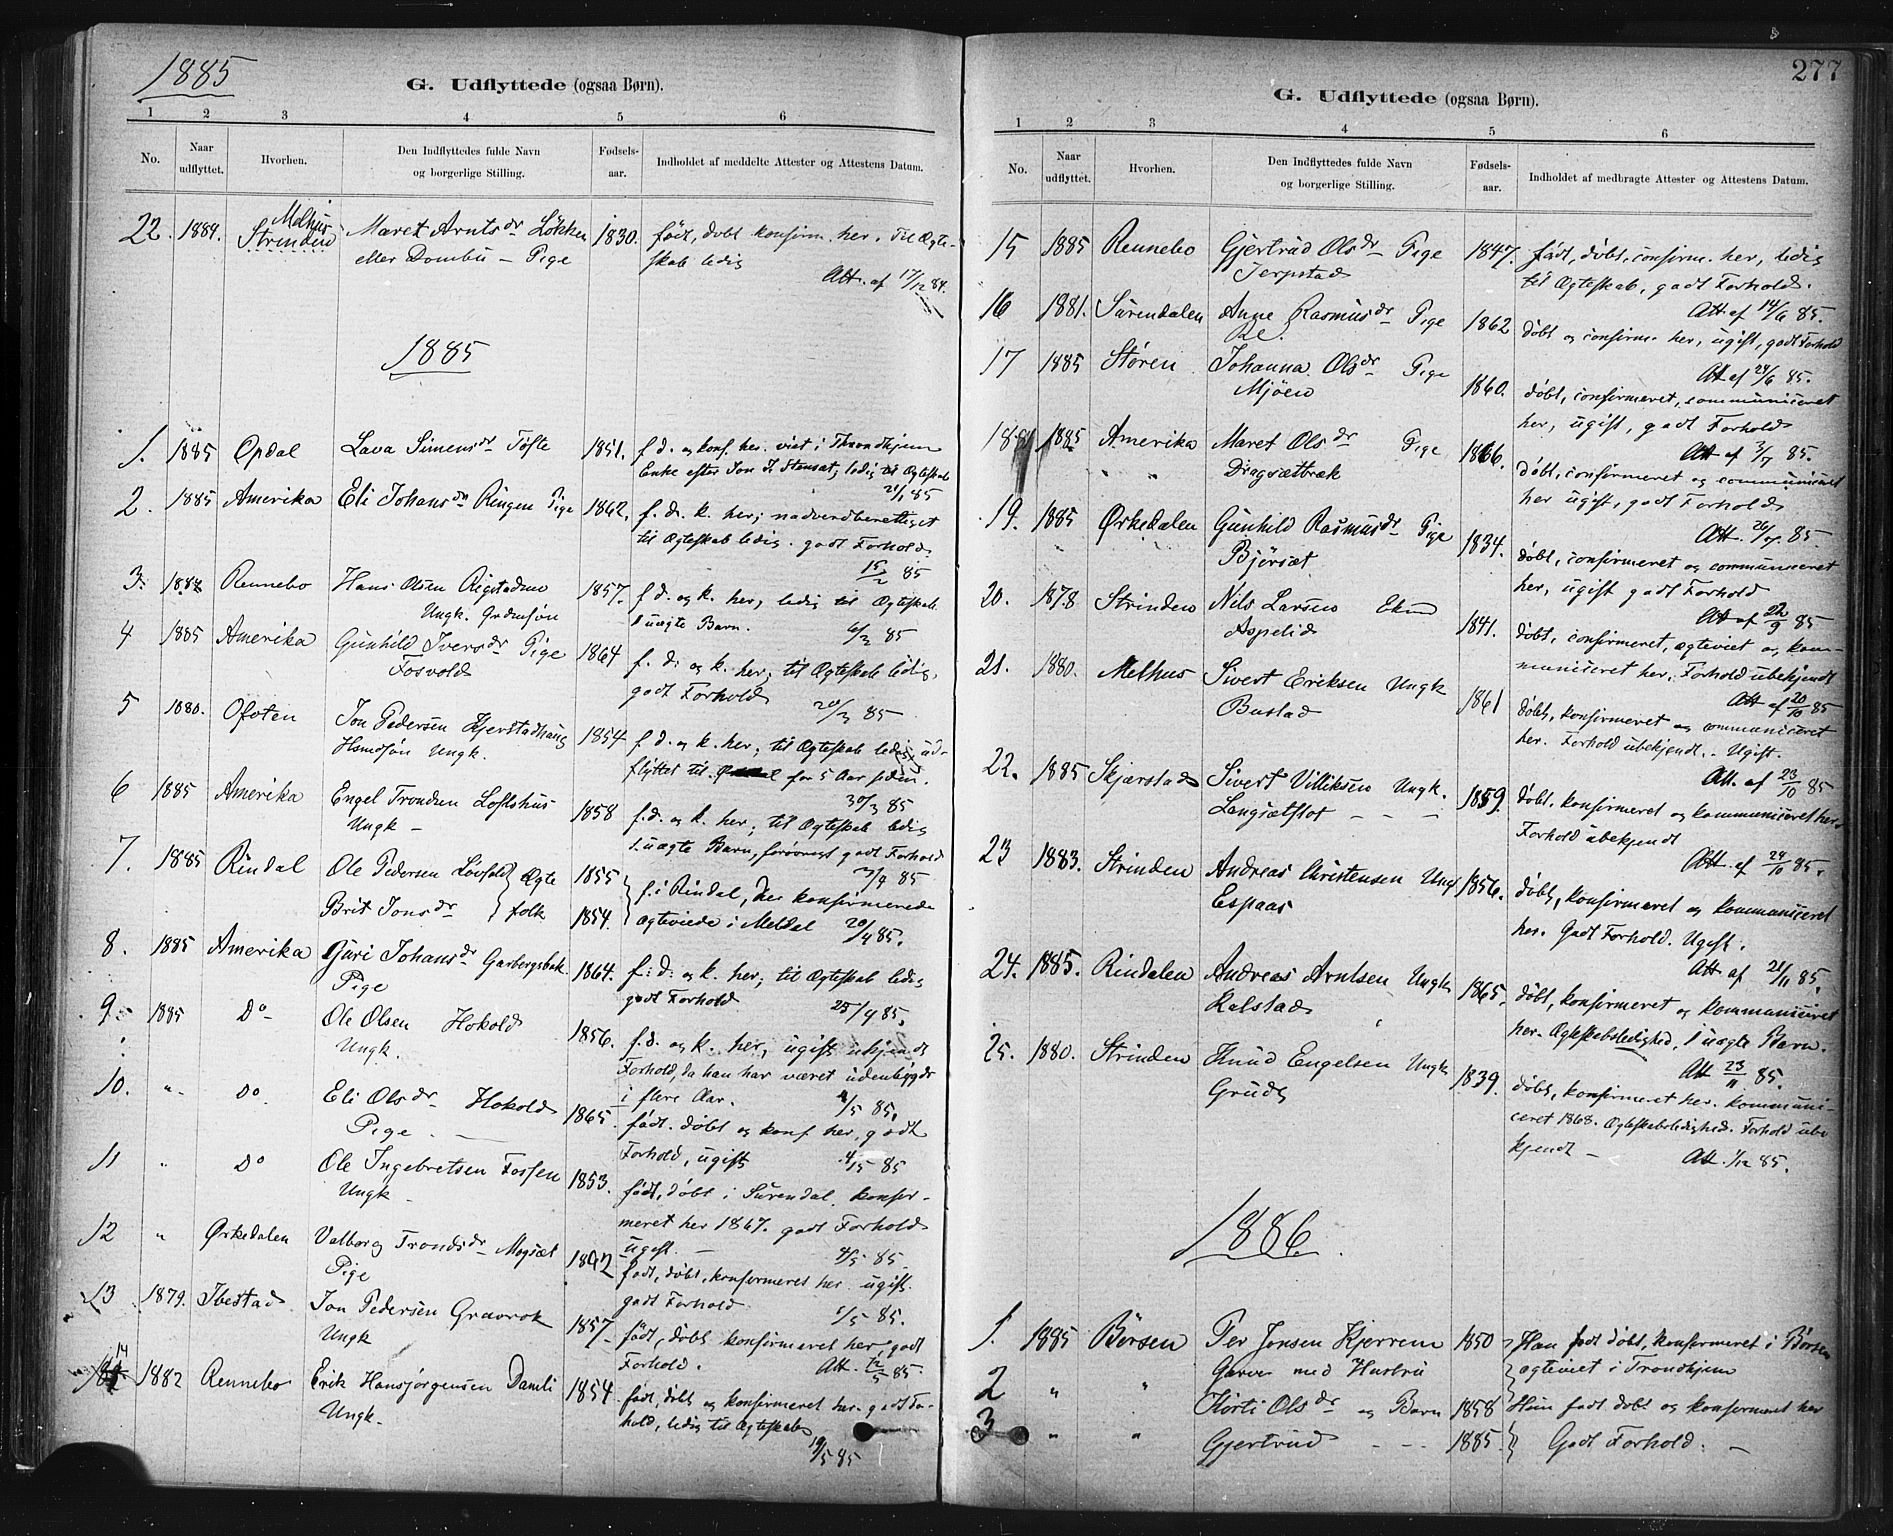 SAT, Ministerialprotokoller, klokkerbøker og fødselsregistre - Sør-Trøndelag, 672/L0857: Ministerialbok nr. 672A09, 1882-1893, s. 277